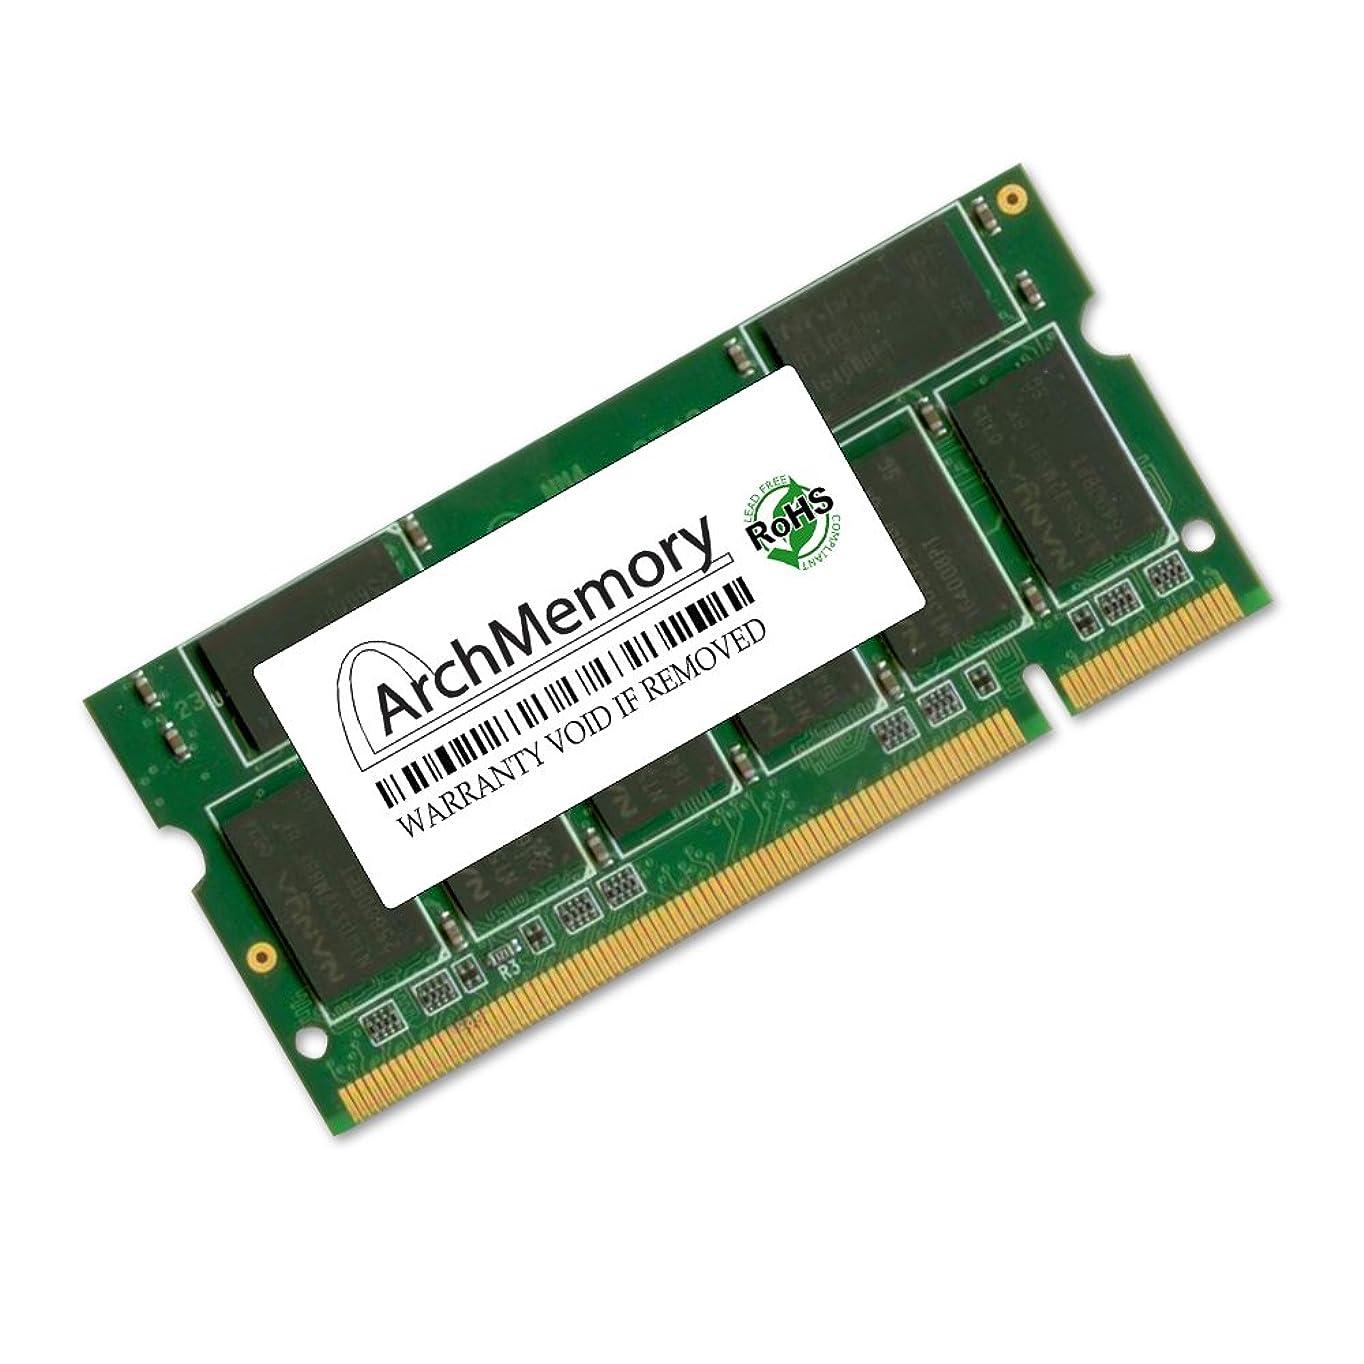 うれしいハチブース2?GB Non - ECC RAMメモリアップグレードfor HP Mini 210?–?2040la byアーチメモリ